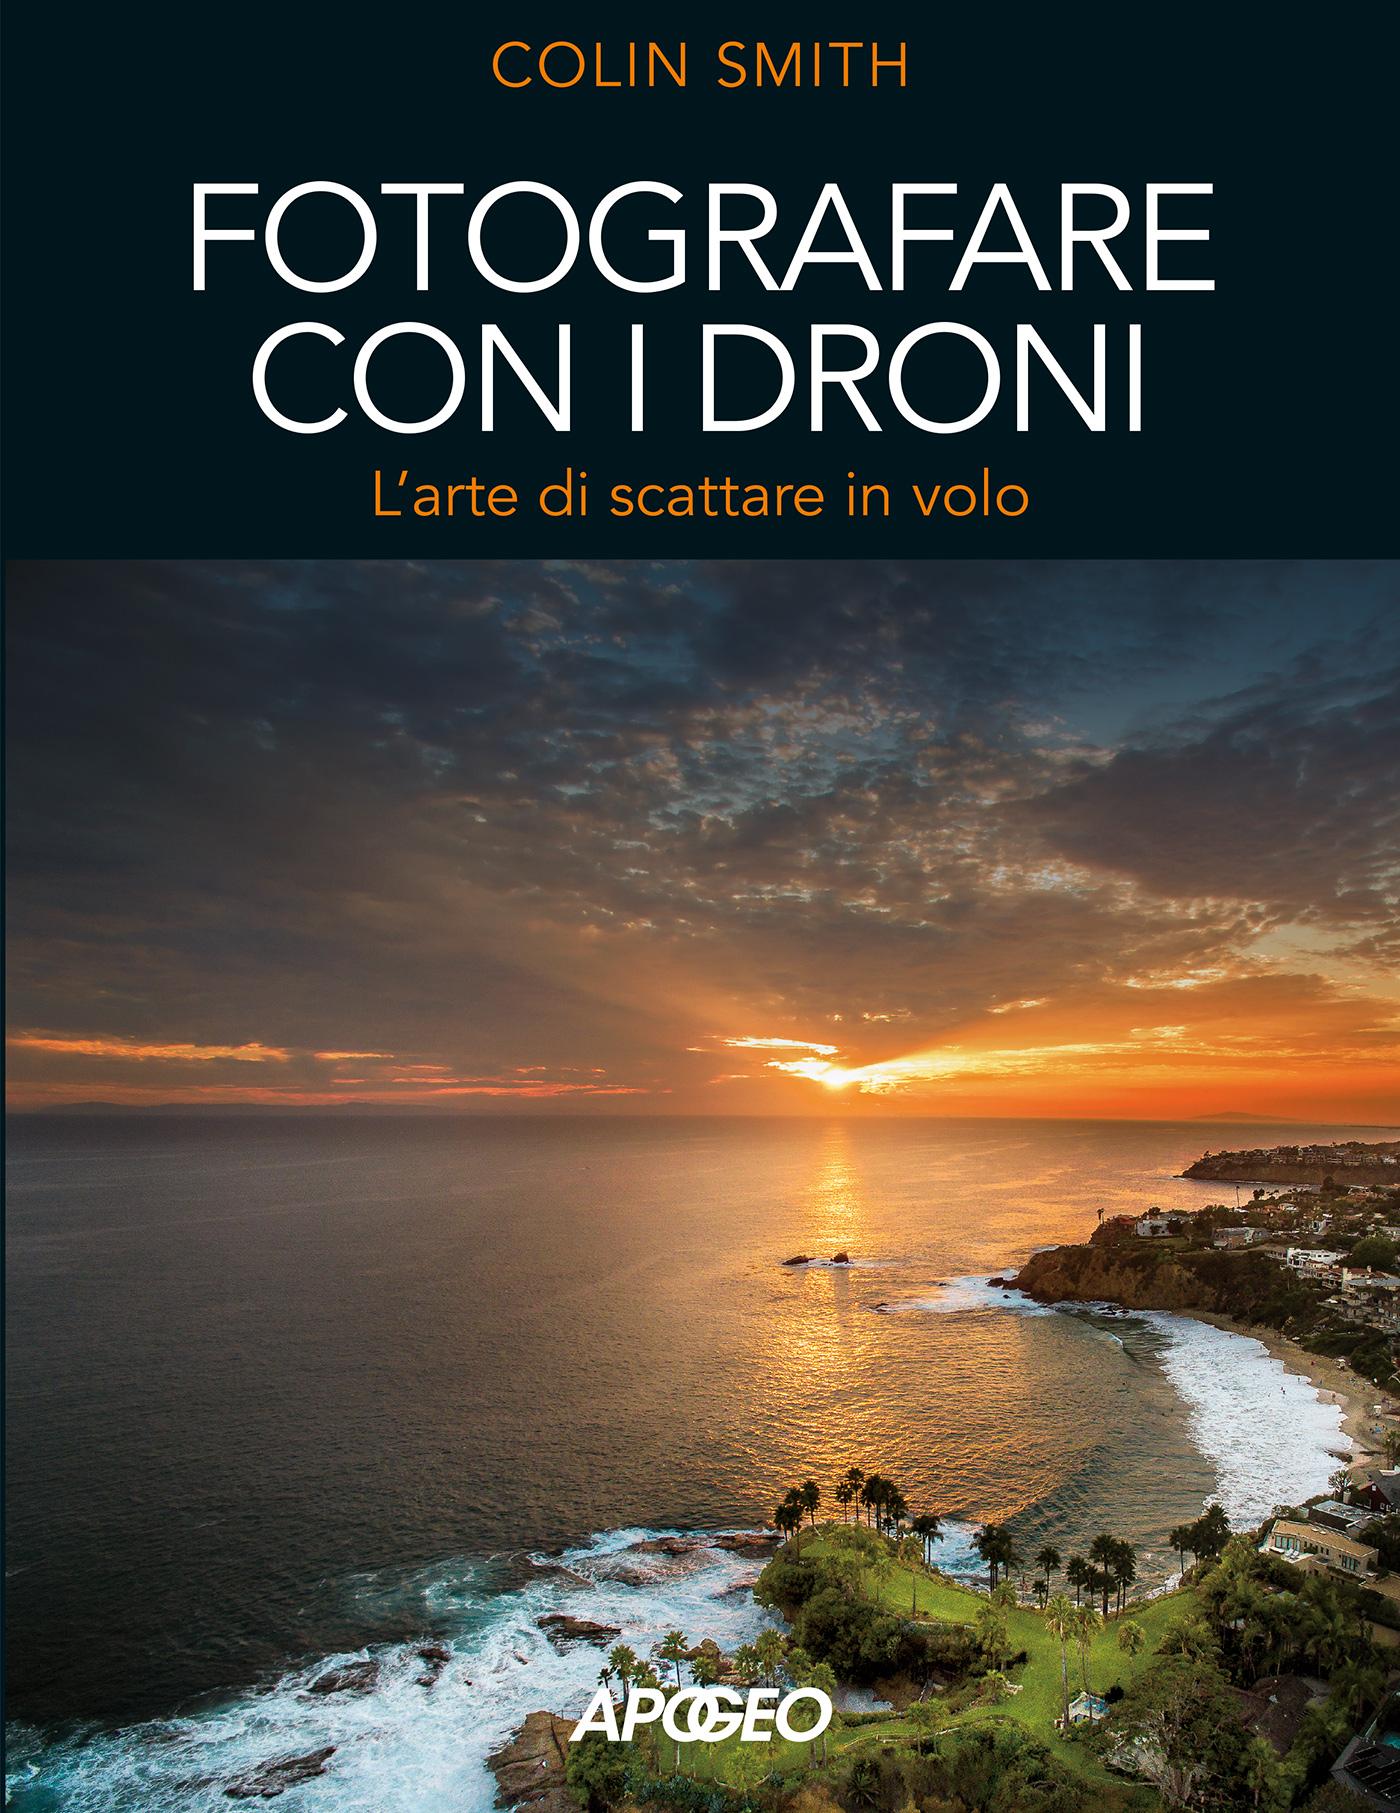 Fotografare con i droni